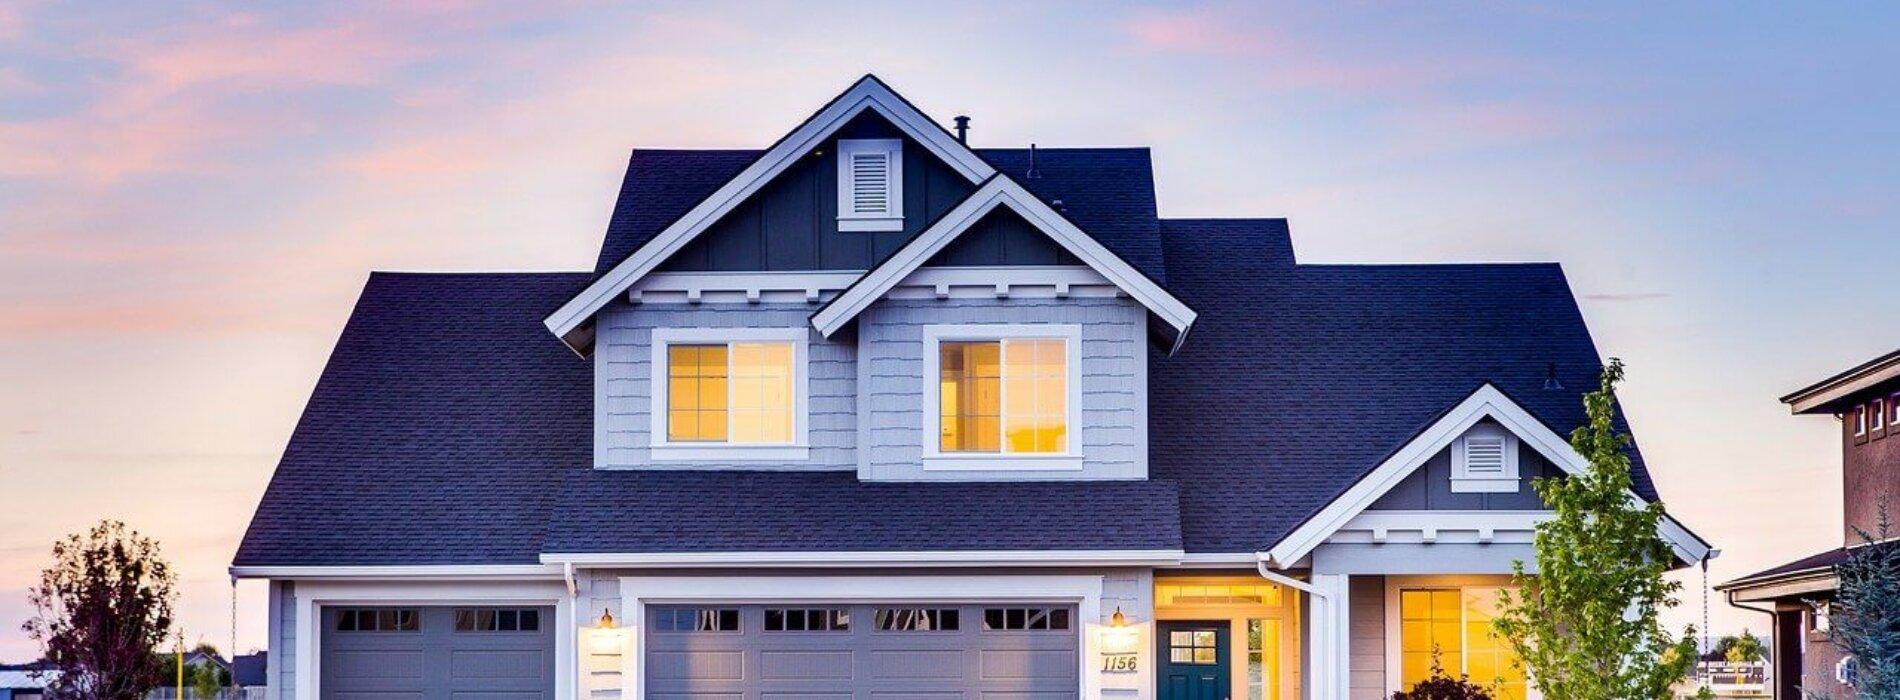 Mieszkanie czy dom — co bardziej opłaca się kupić w Warszawie?